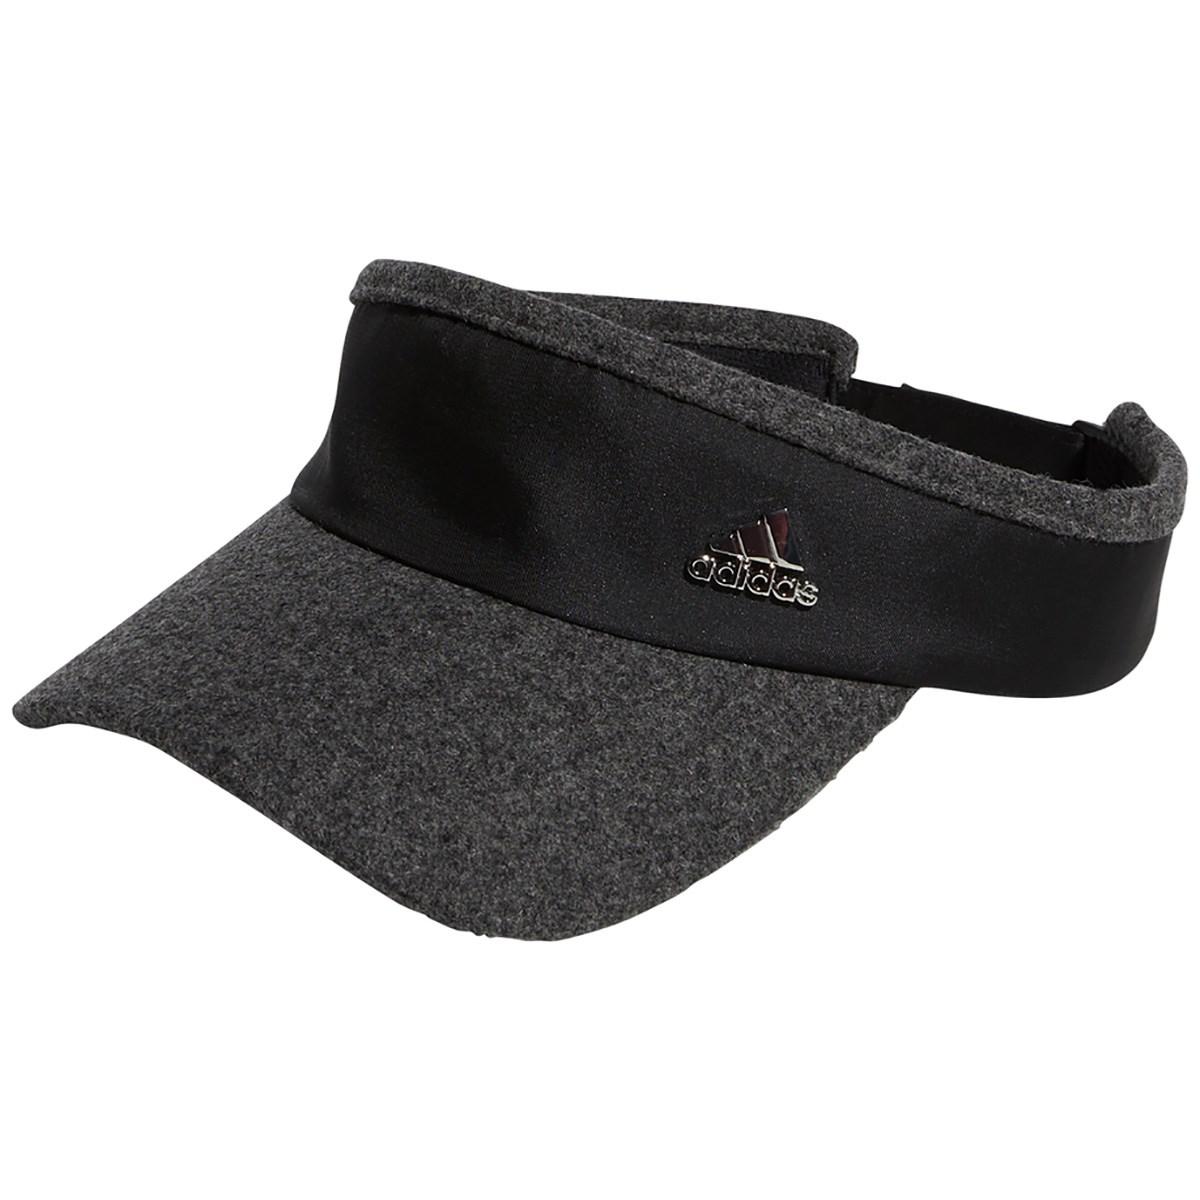 アディダス Adidas メタルロゴサンバイザー フリー ブラック レディス